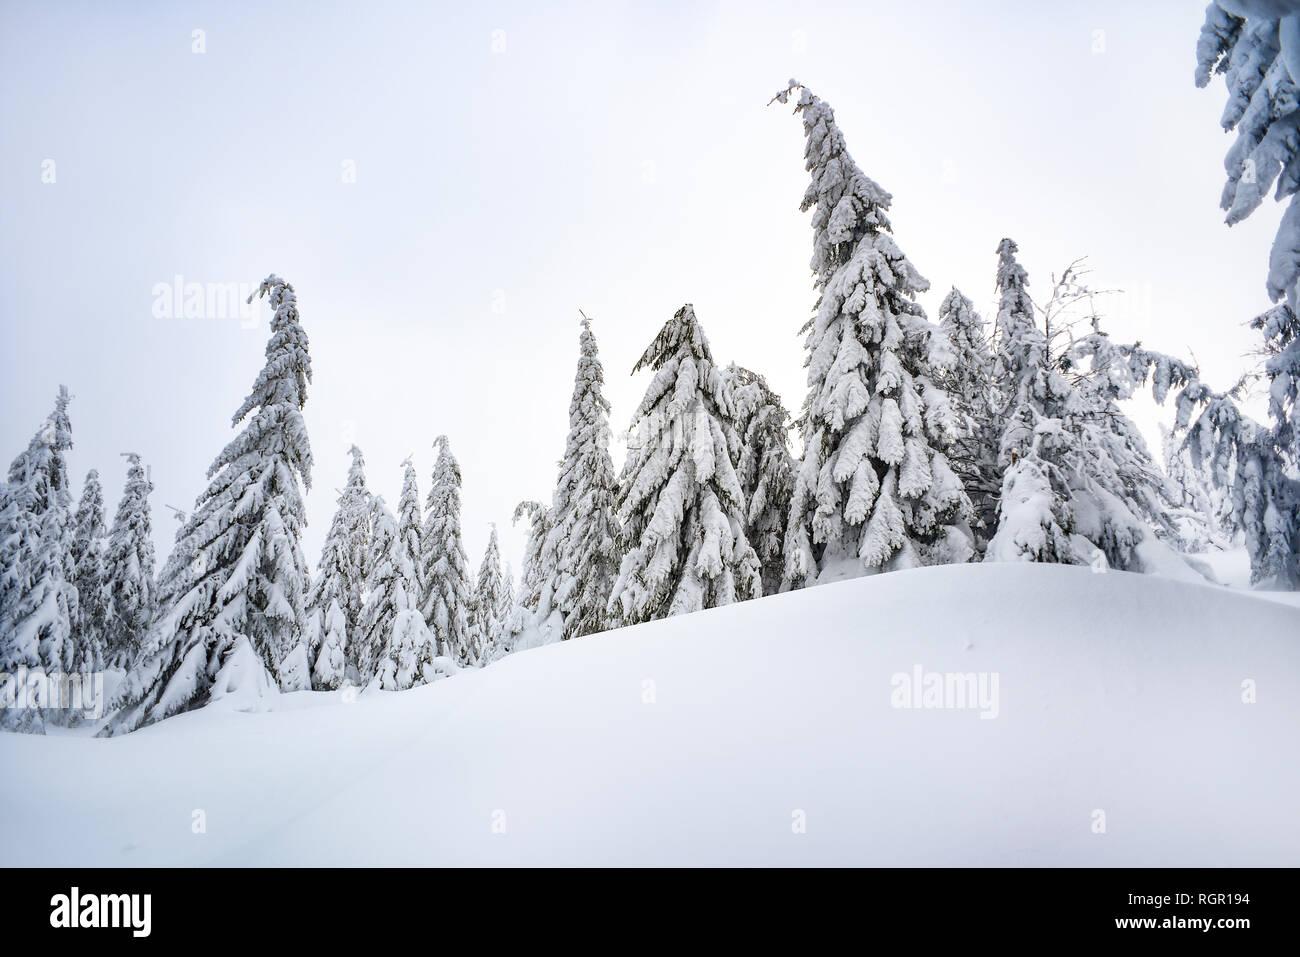 Árboles cubiertos de nieve en las montañas, paisajes de montaña y bosques de invierno. Foto de stock